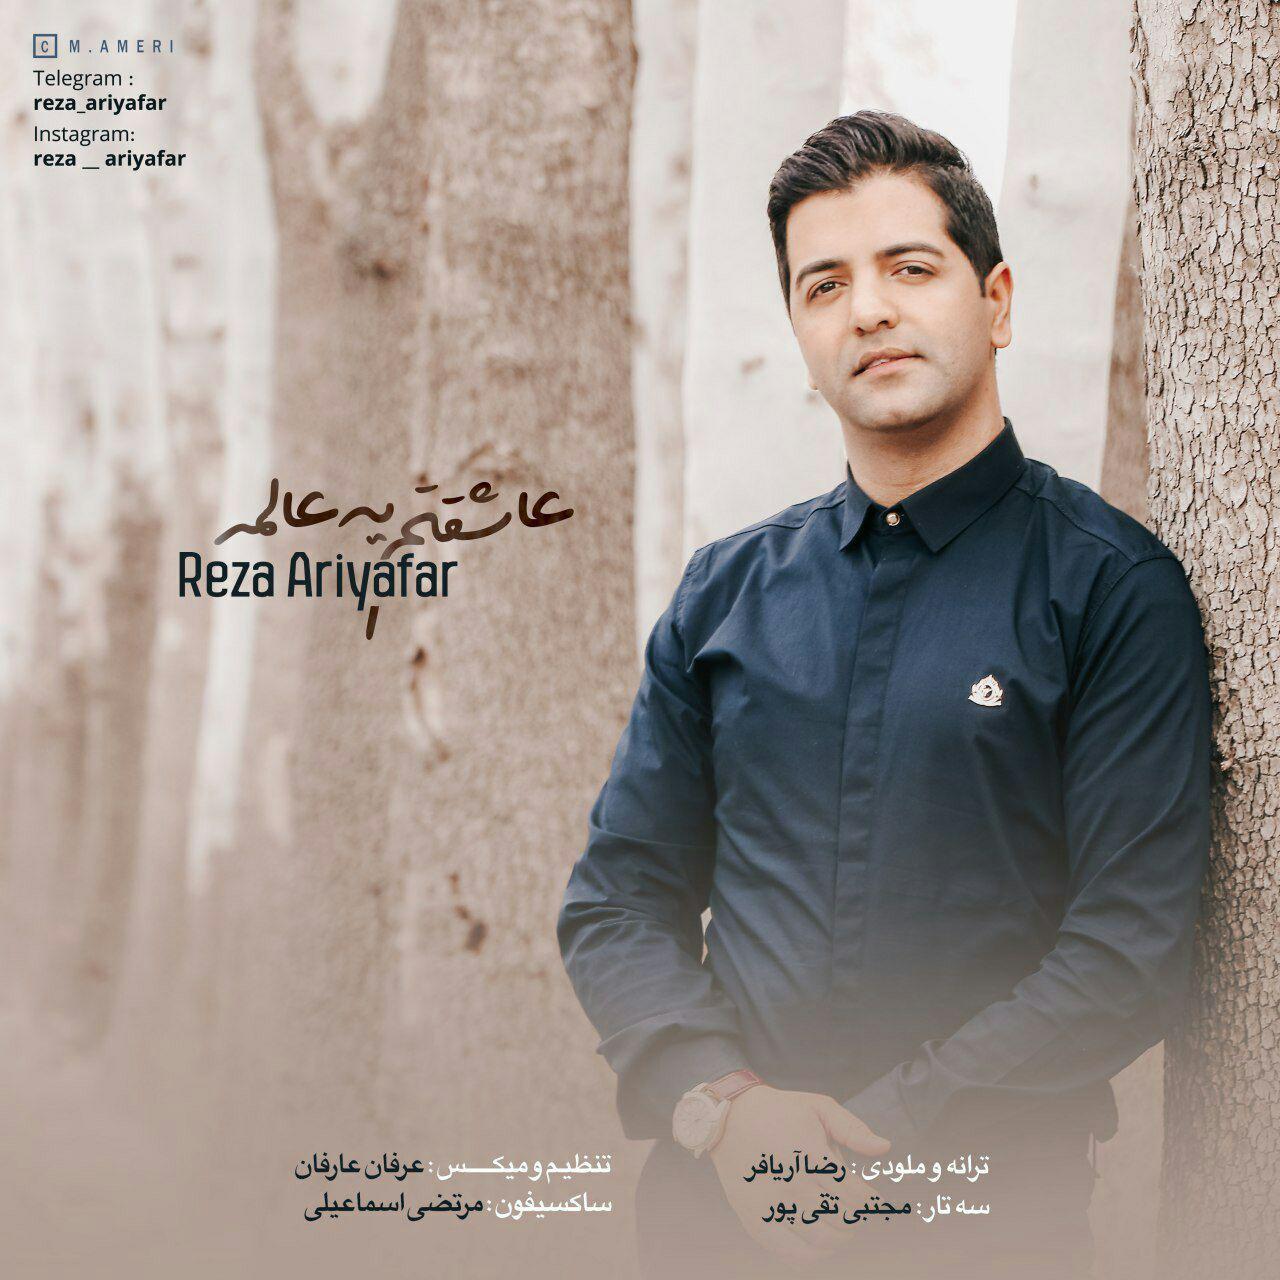 آهنگ   رضا آریافر به نام عاشقتم یه عالمه